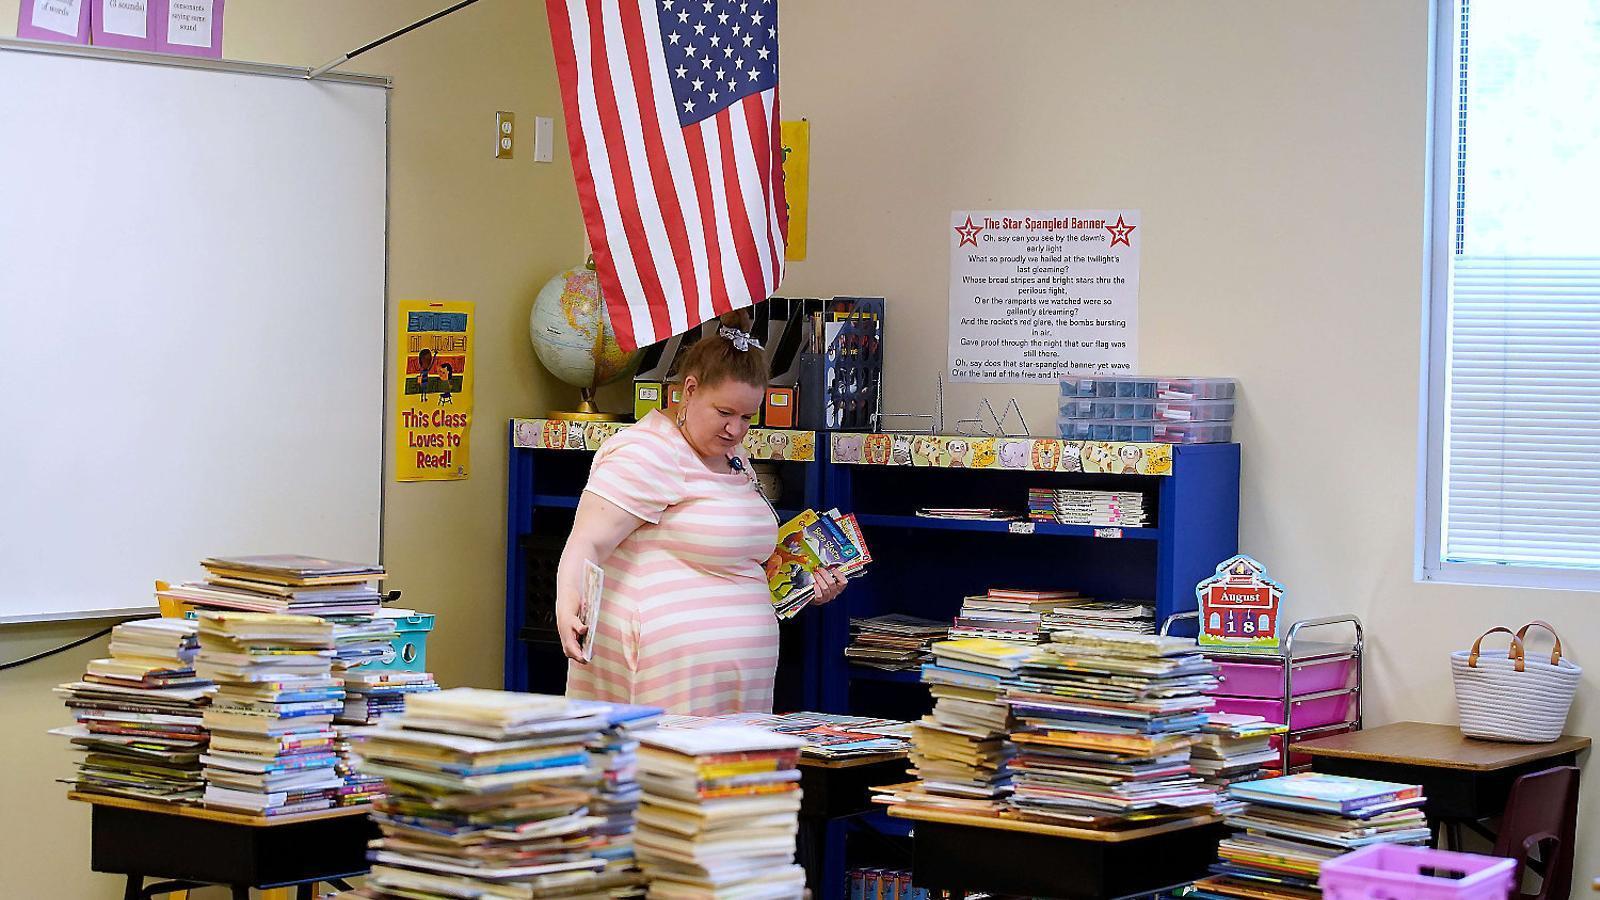 Una professora netejant i endreçant una aula d'una escola als Estats Units abans que es reprenguin les classes.